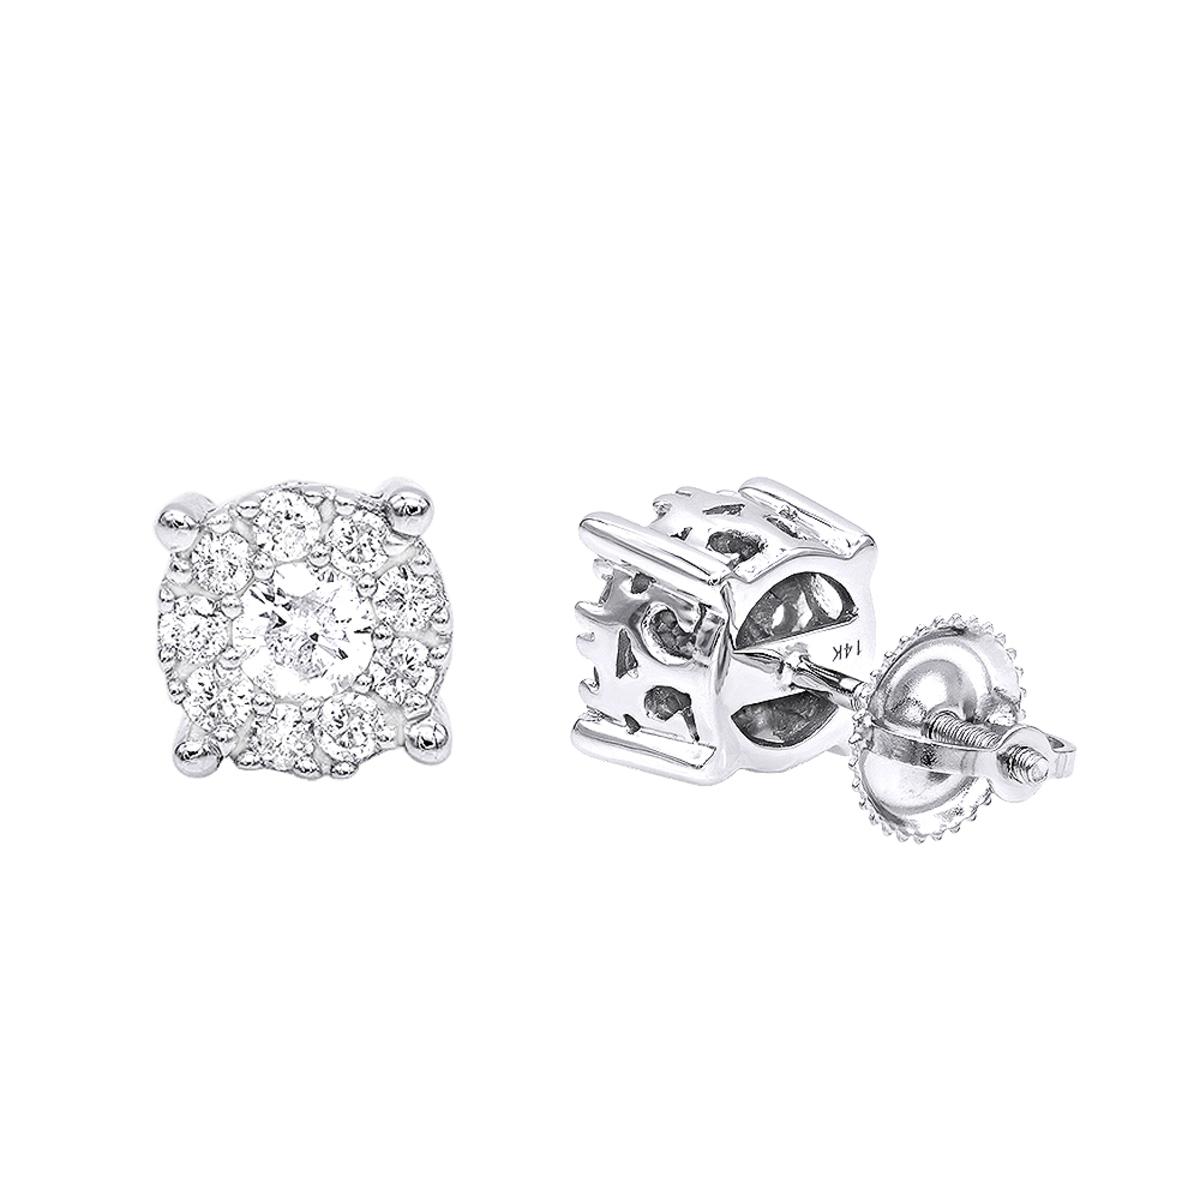 Halo 14K Gold Cluster Diamond Earrings Studs for Men or Women 3/4ct